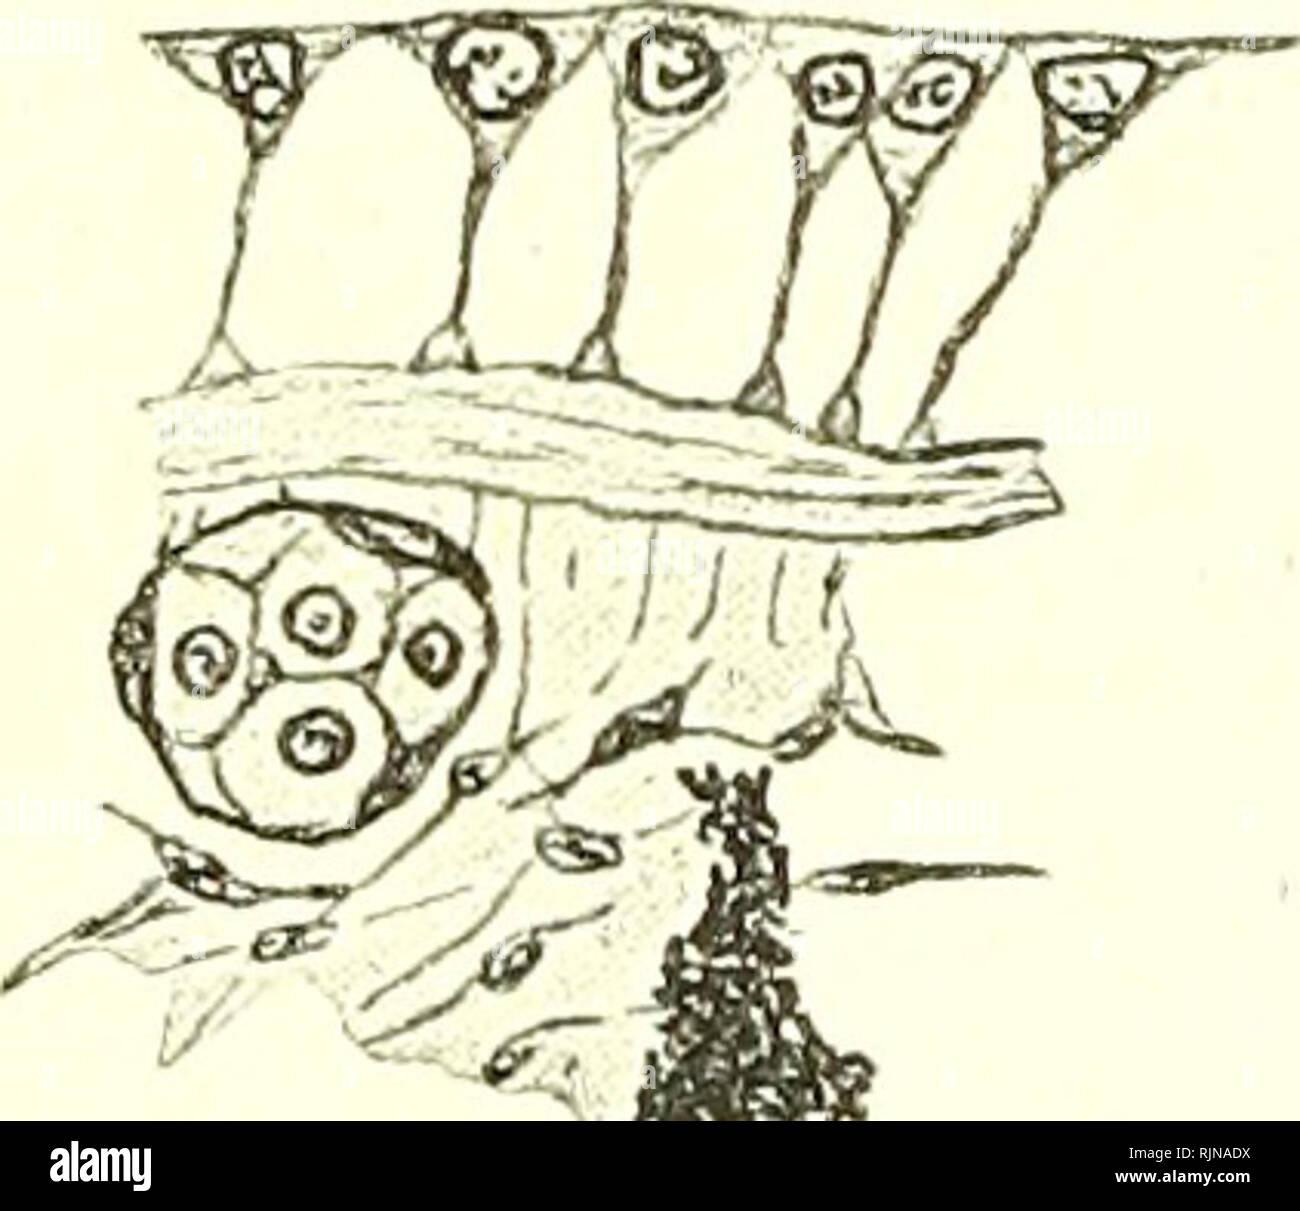 . Lehrbuch der Vergleichenden Mikroskopischen Anatomie der Wirbeltiere [electronic resource]. Vertebrates; Eye; Vertebrates; Eye. Stroma iridis. Irisendothel. 233 Vielleicht ist auch die Vaskularisation der Iris bei den Walen und Pinnipediern eine relativ starke (wie ja ähnliches vom Ciliarkörper der Zahnwale sicher gilt, S. 194), und so kommt es, daß namentlich bei diesen Tieren bei oft sehr stark reduziertem Stroma viele Gefäße mehr oder weniger frei auf der Iris liegen, d. h. jedes einzelne nur von wenigem Bindegewebe und Pigment umkleidet, ganz so wie auch das Gefäß des Linsenmuskels der T - Stock Image